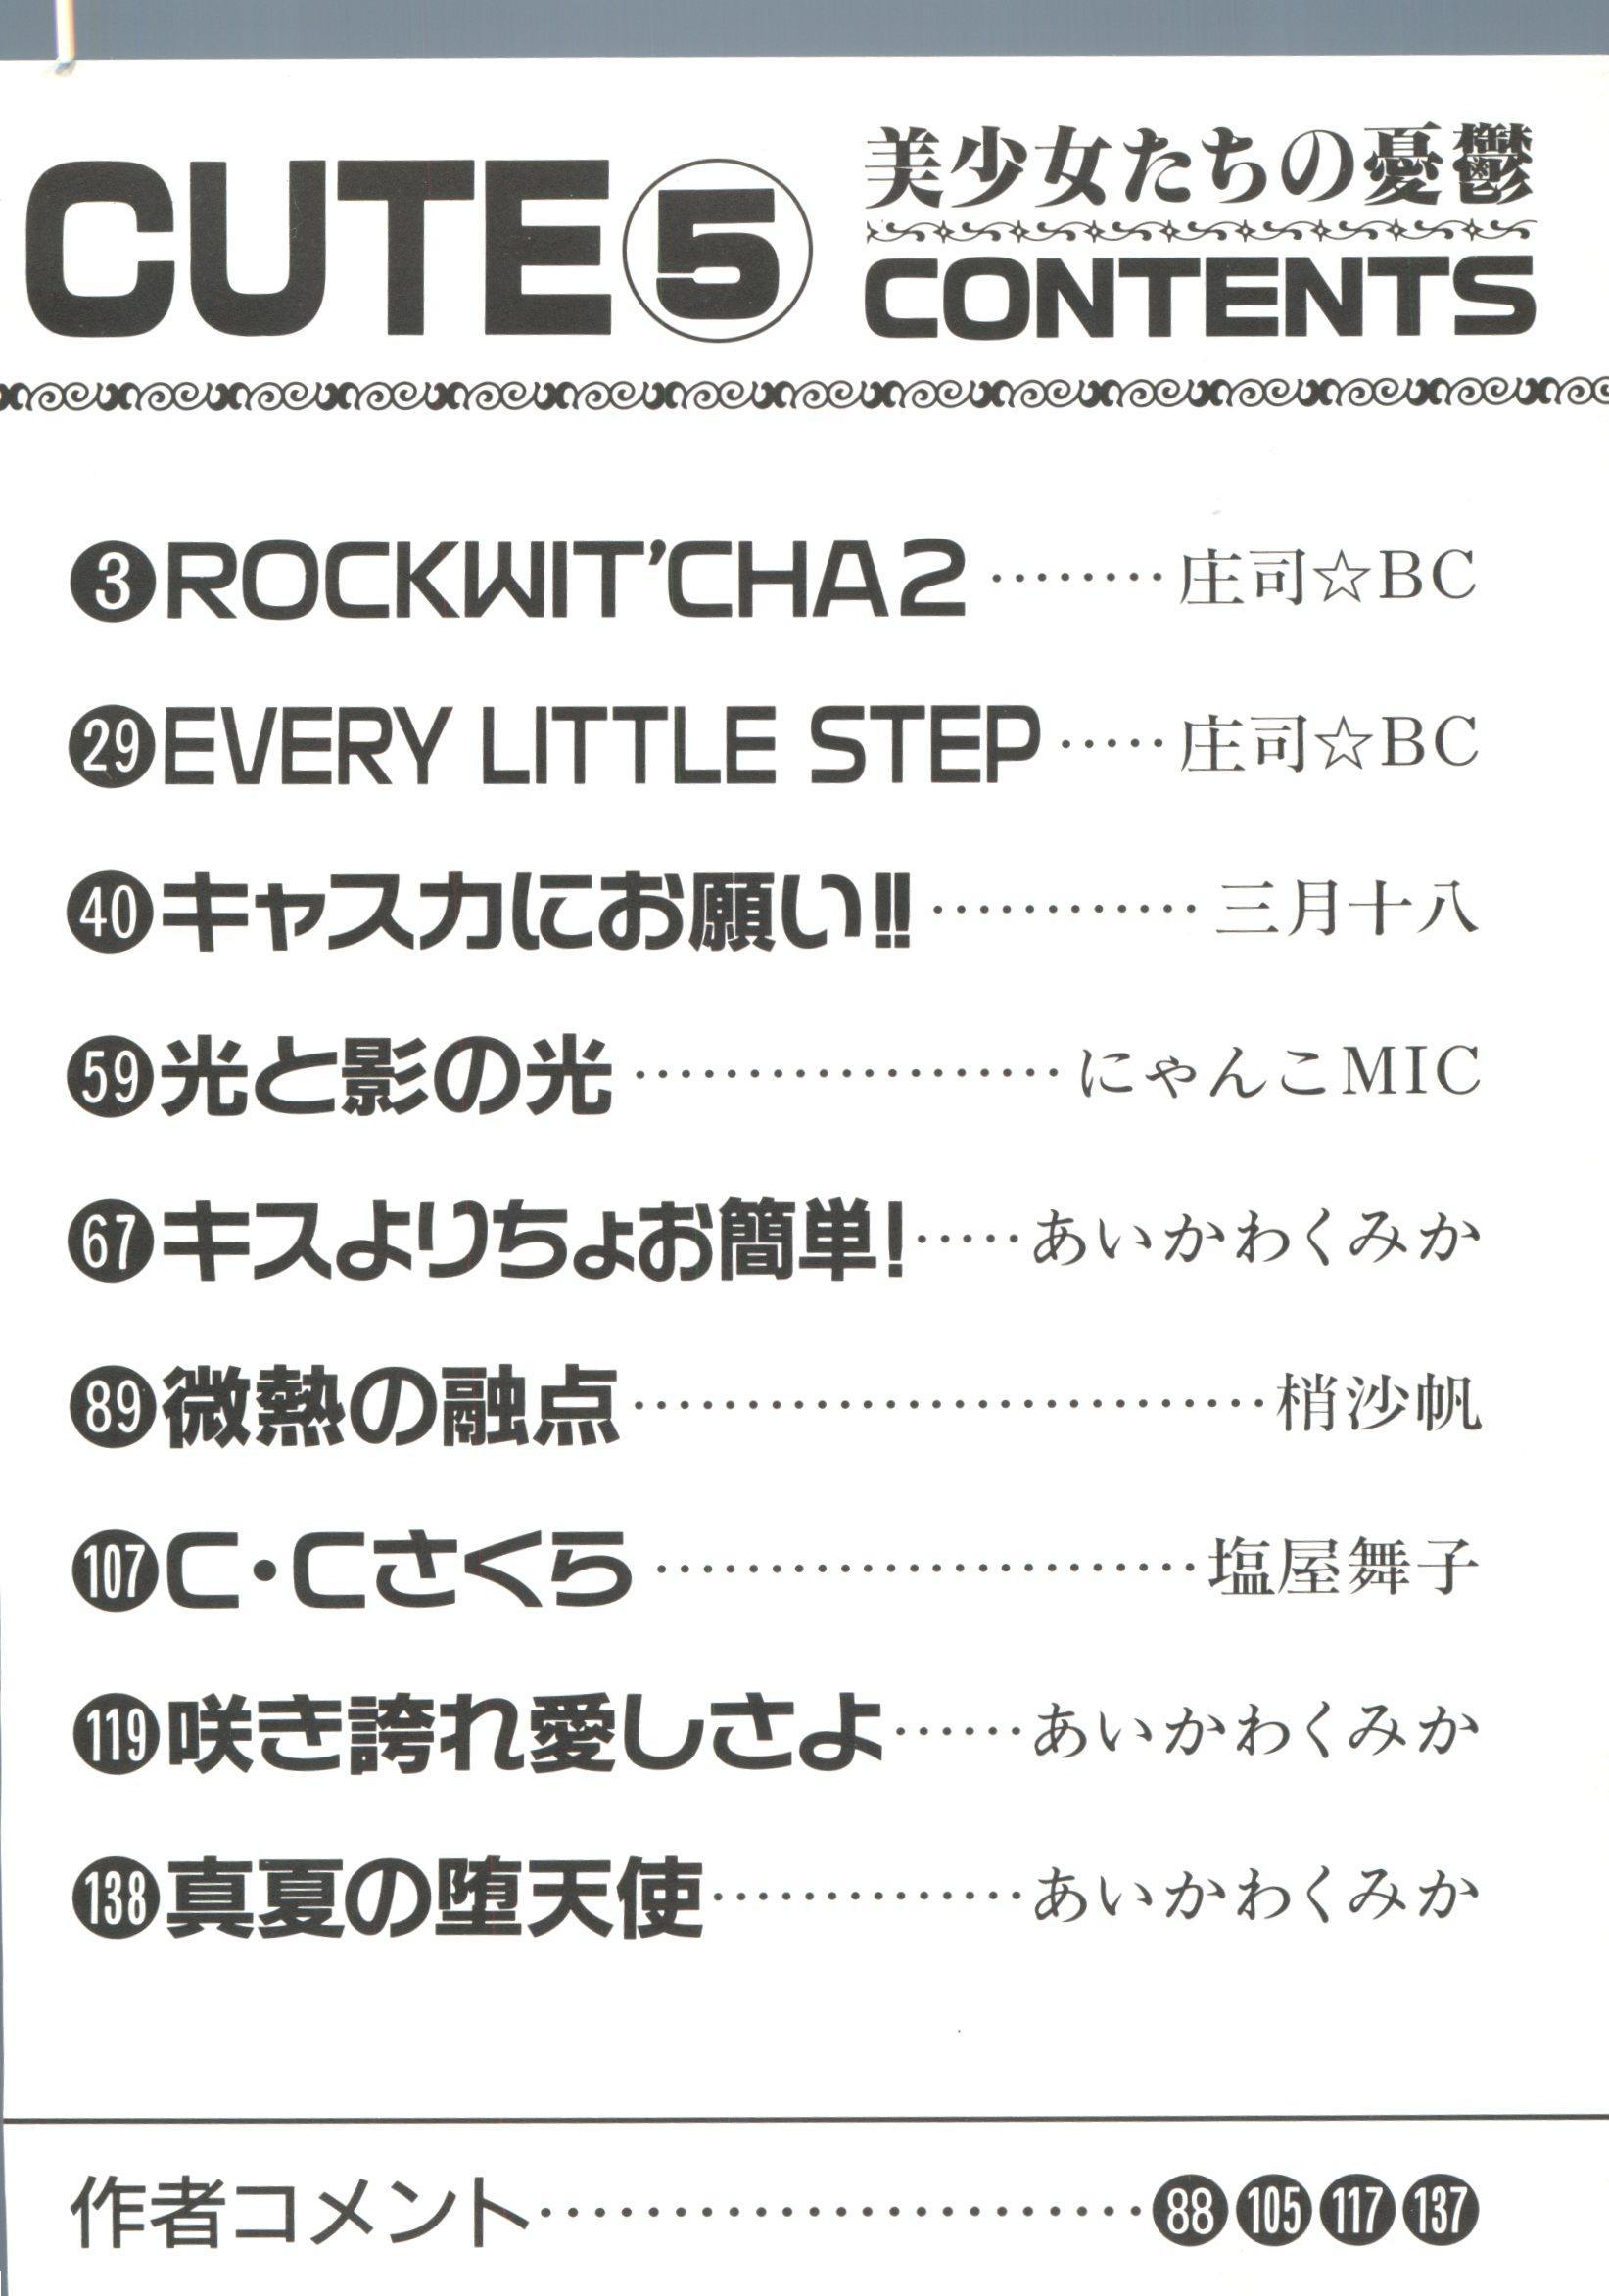 Bishoujo Doujinshi Anthology Cute 5 4